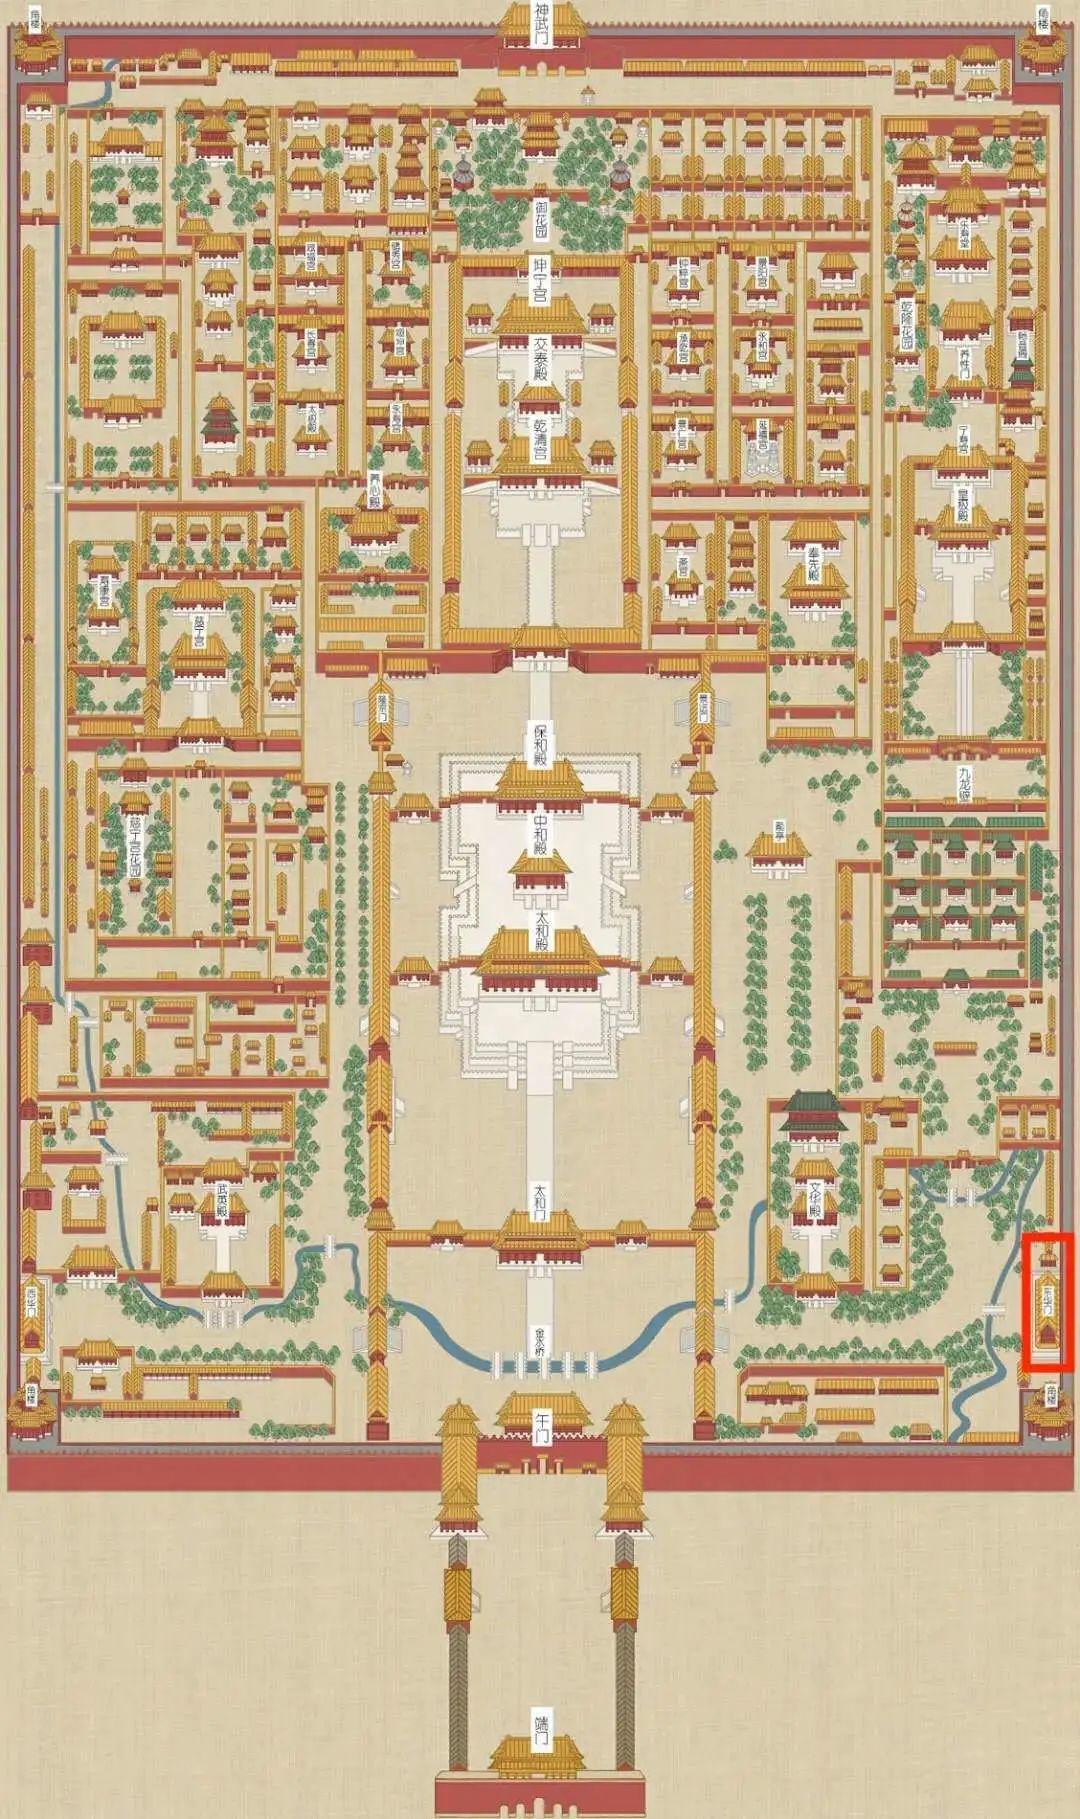 故宫平面图,红圈处为东华门(来源:故宫博物院官网)